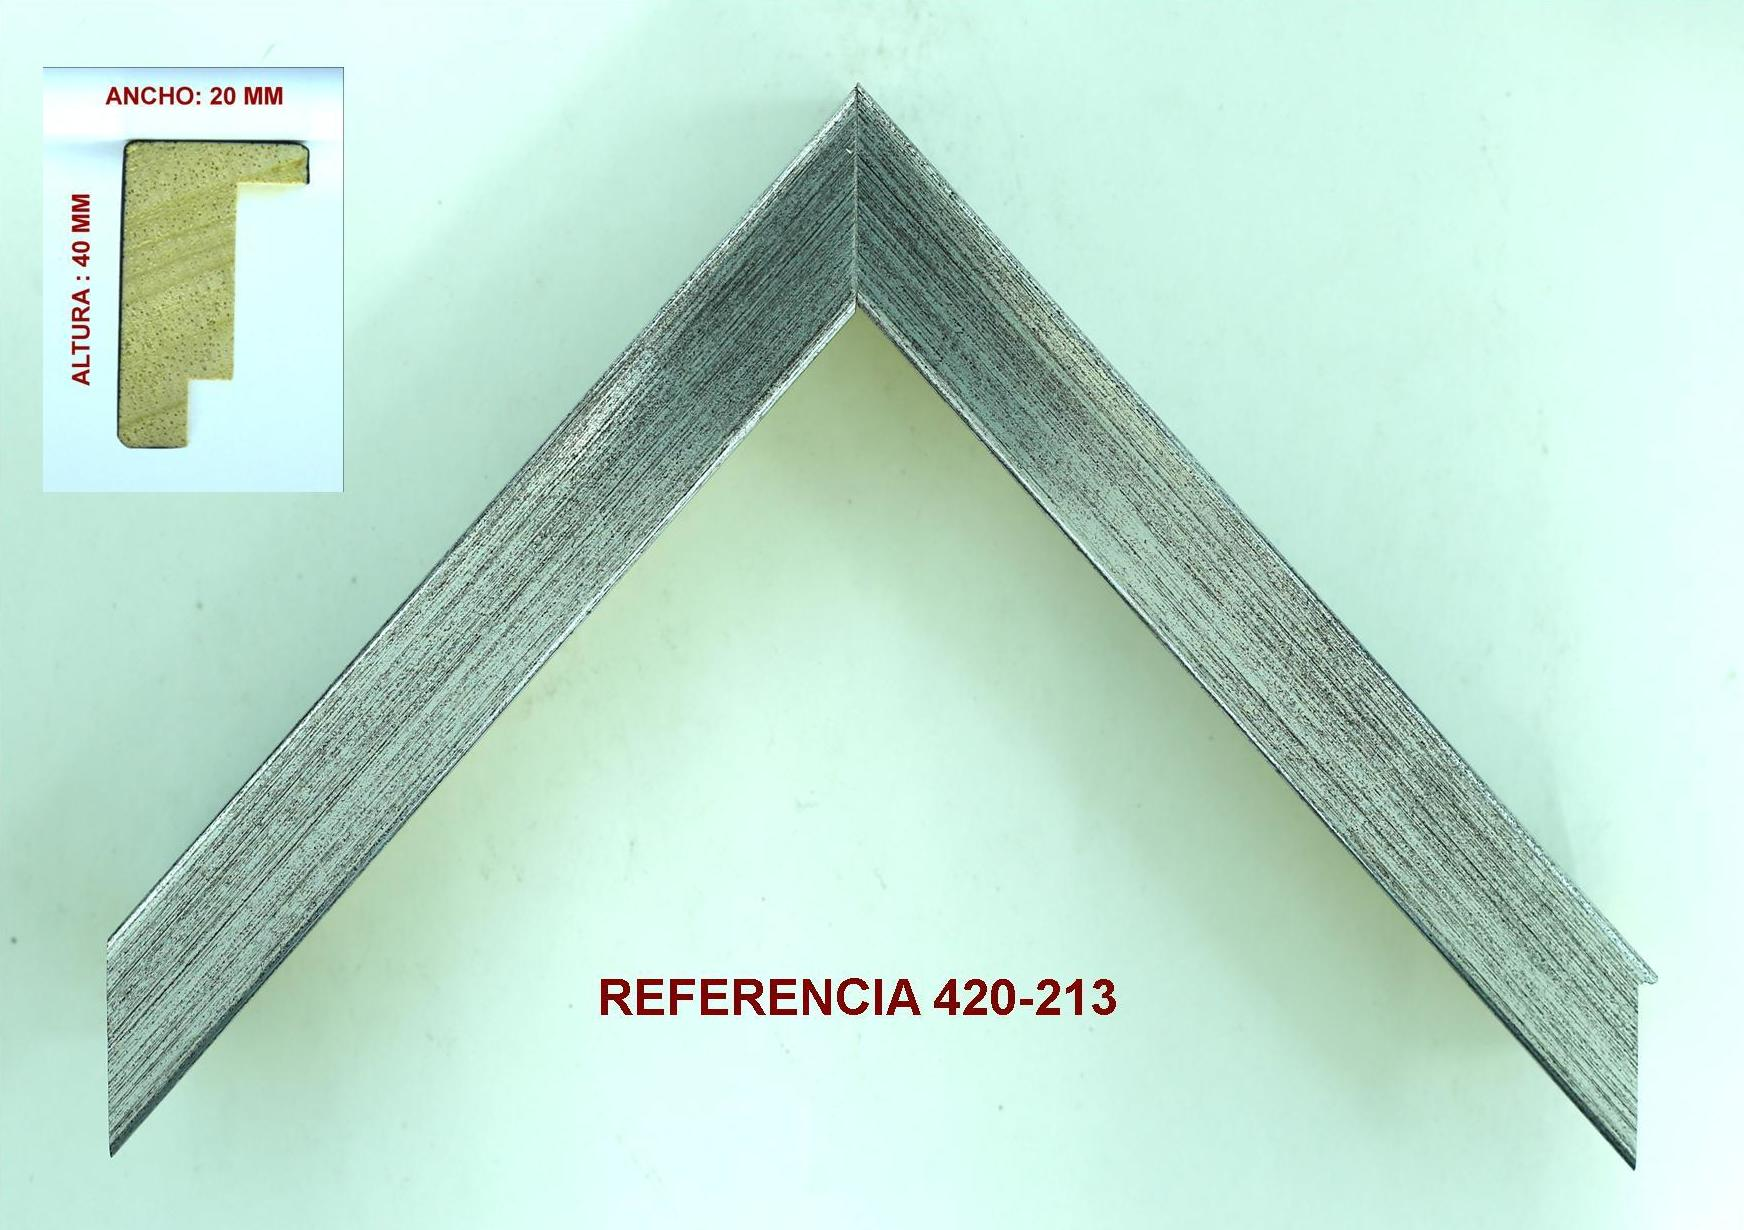 REF 420-213